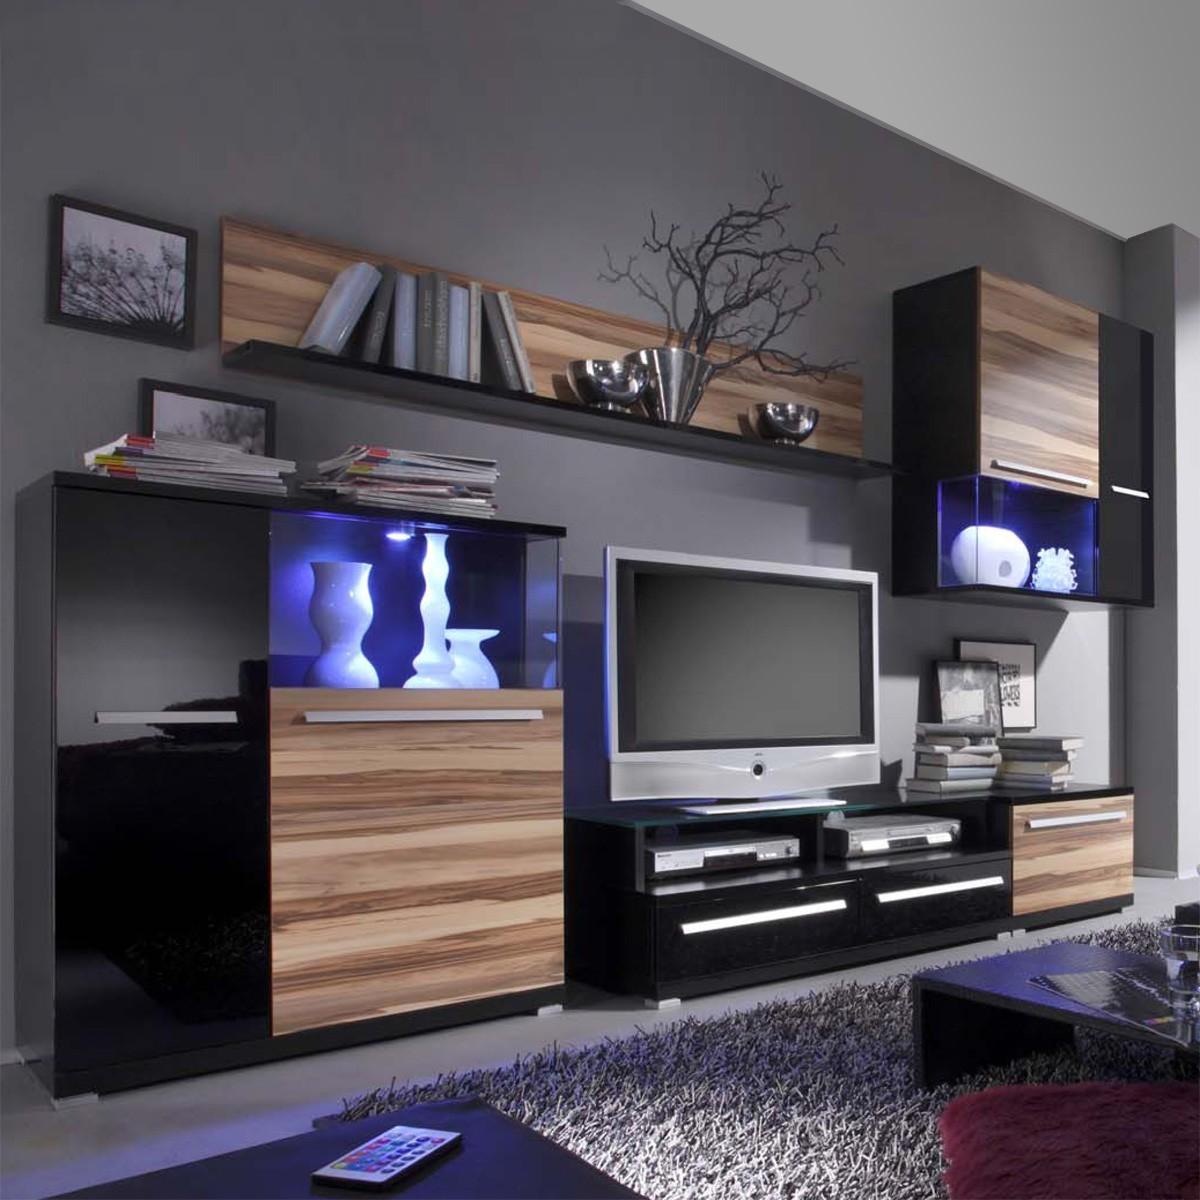 Walnuss diese modular angelegte wohnwand in schwarz for Walnuss wohnwand